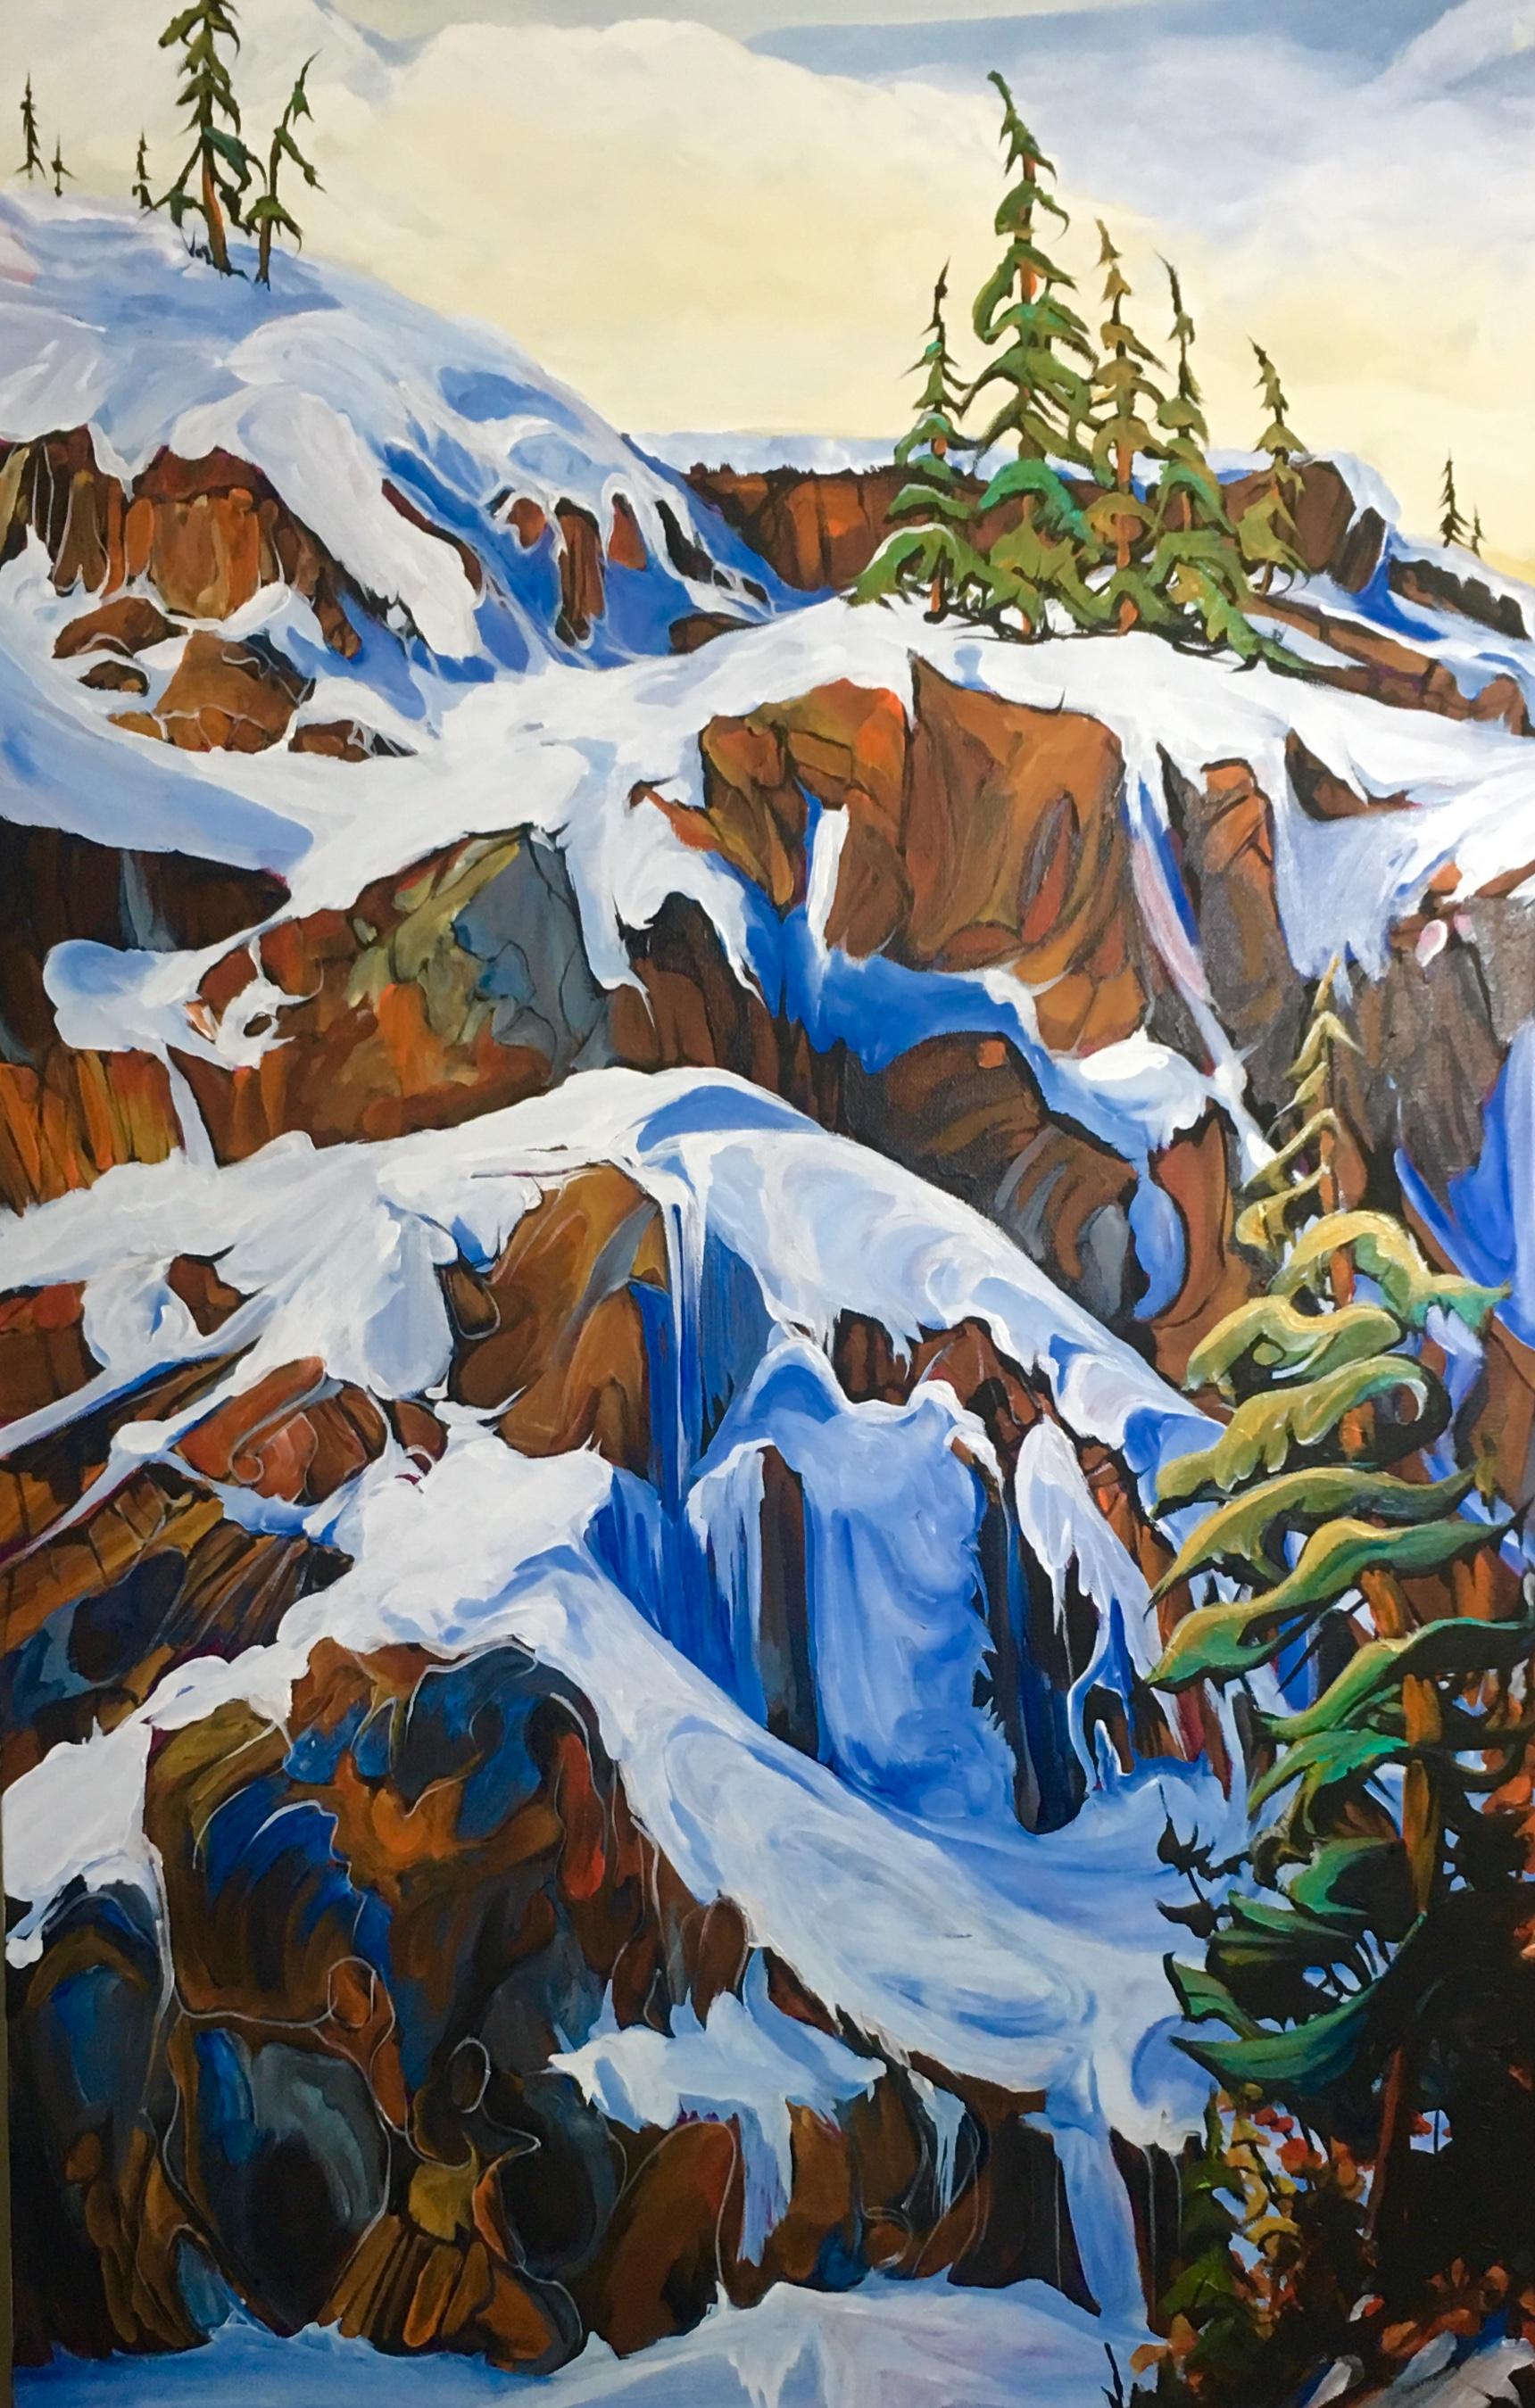 Ice Ice Baby 24 x 36 $2400